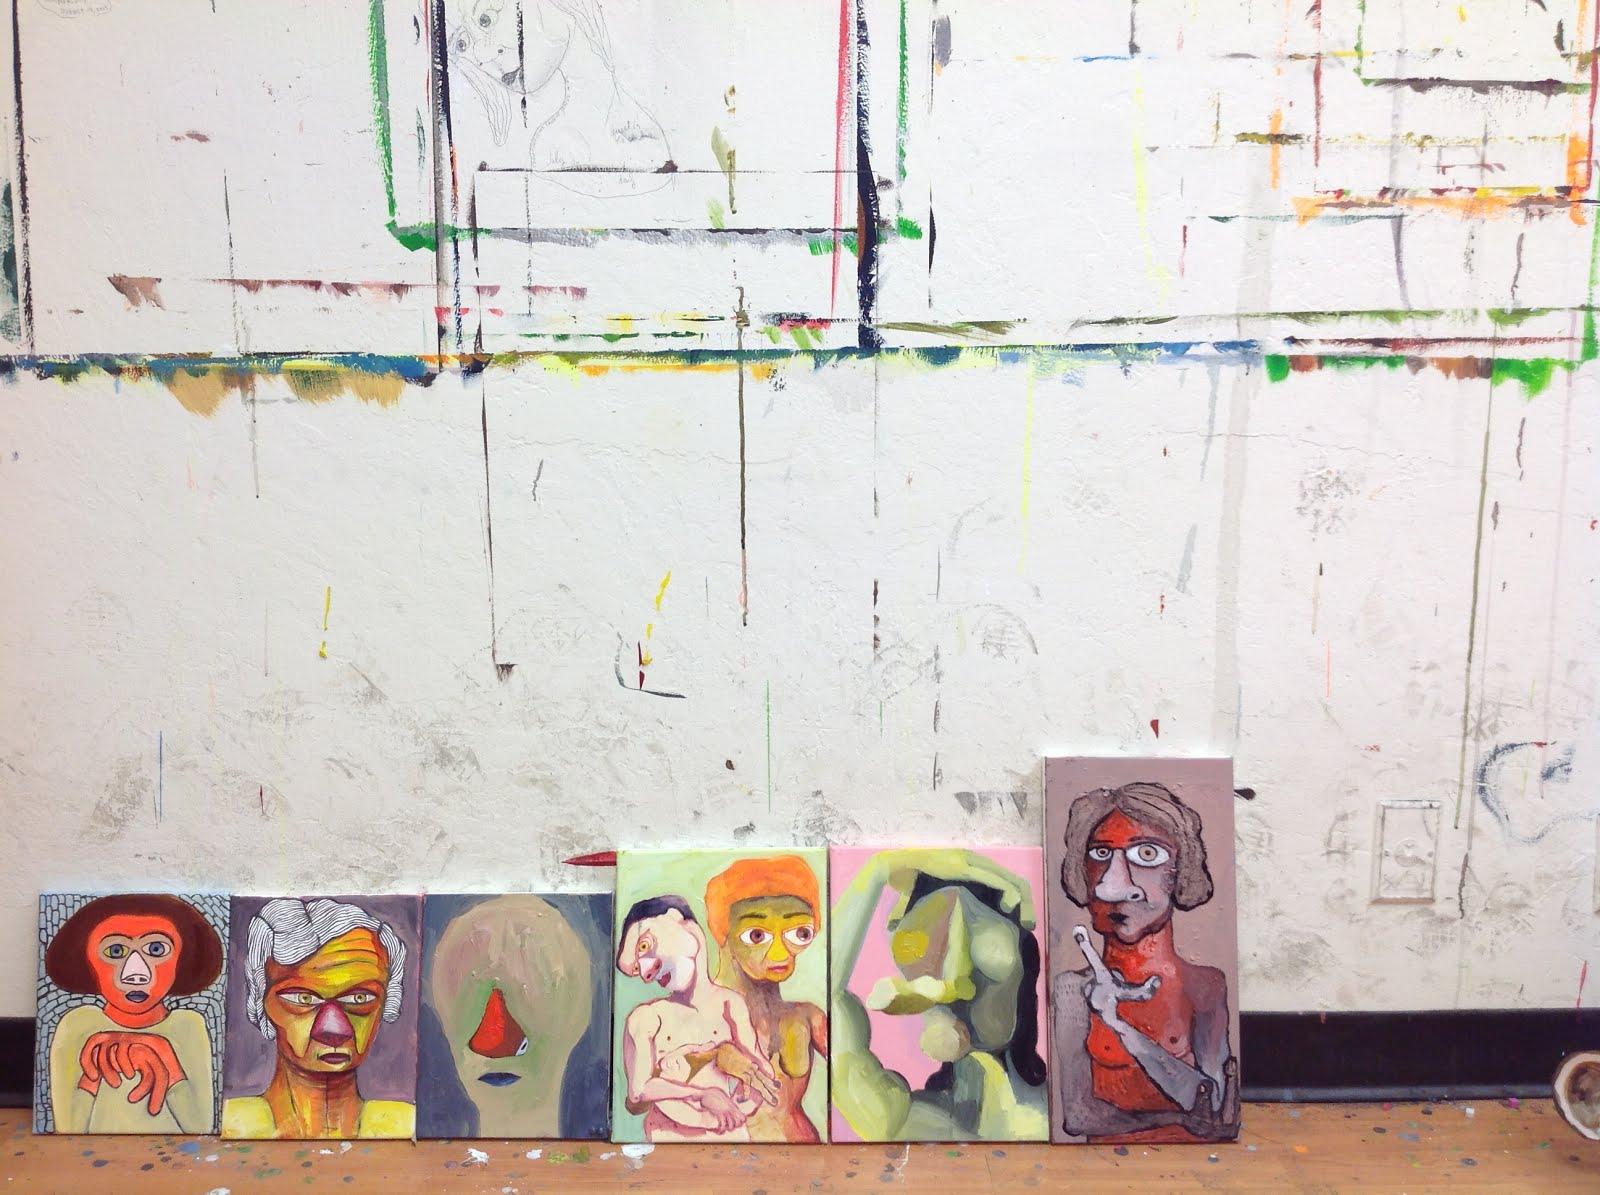 Studio, January 2017